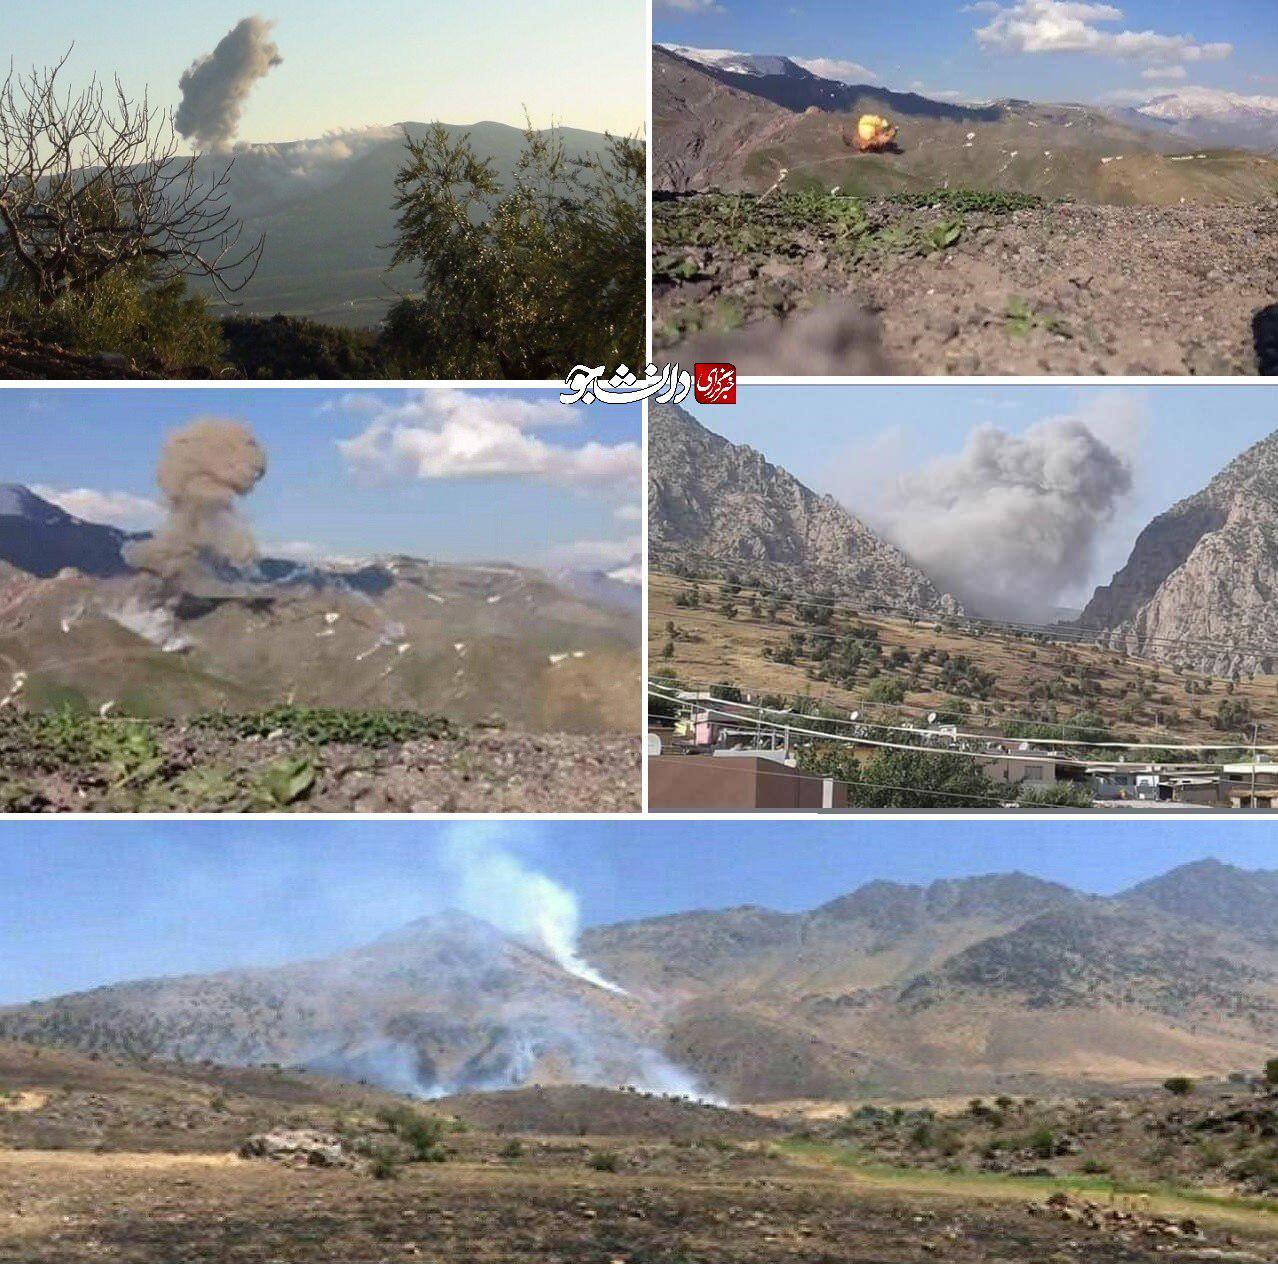 حملات توپخانهای سپاه پاسداران به تروریست های حزب دموکرات + عکس